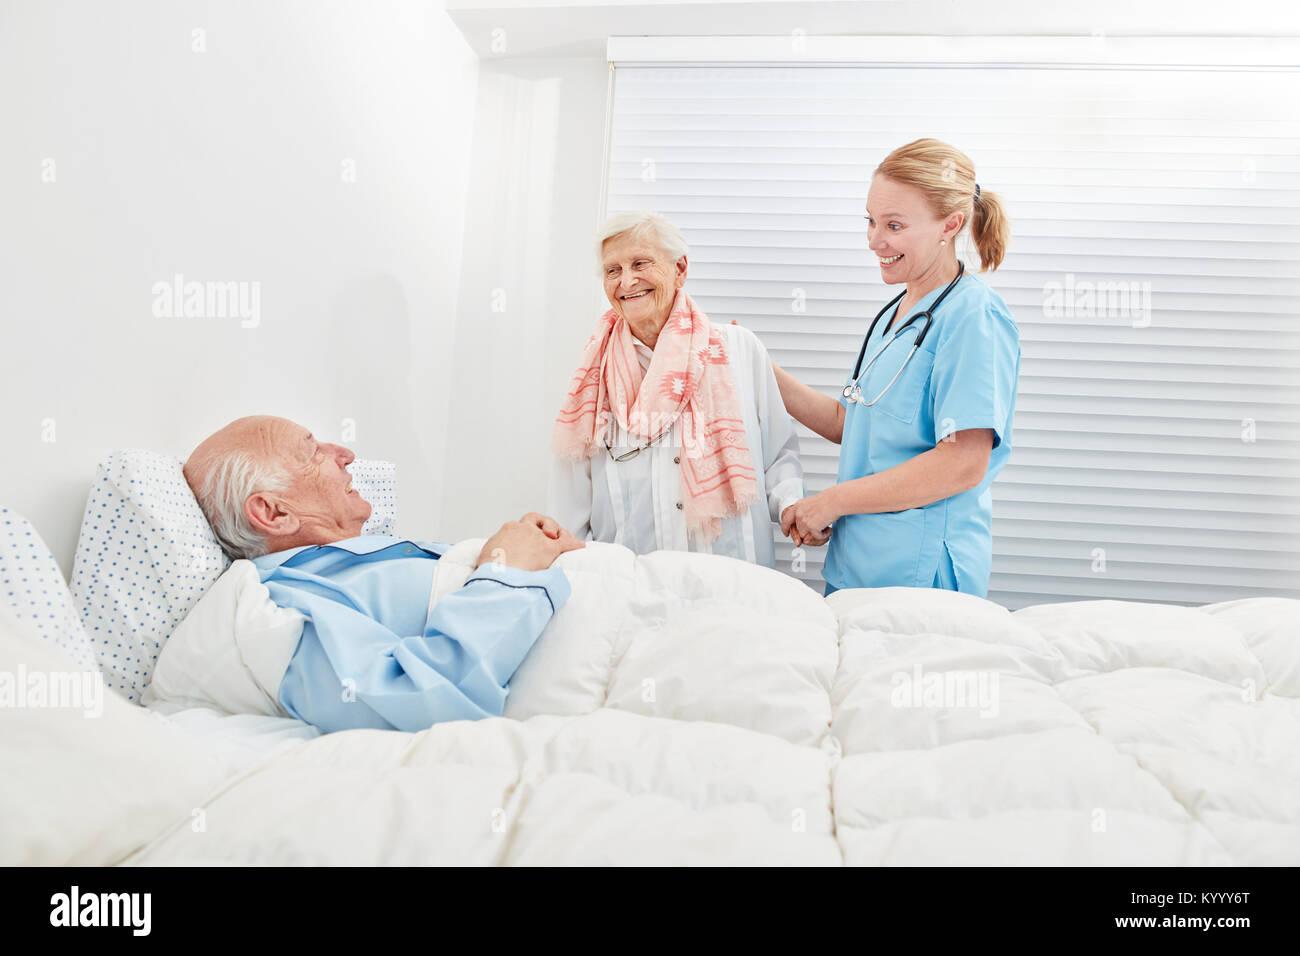 Charmant Krankenhaus Cna Jobs Bilder - Menschliche Anatomie Bilder ...